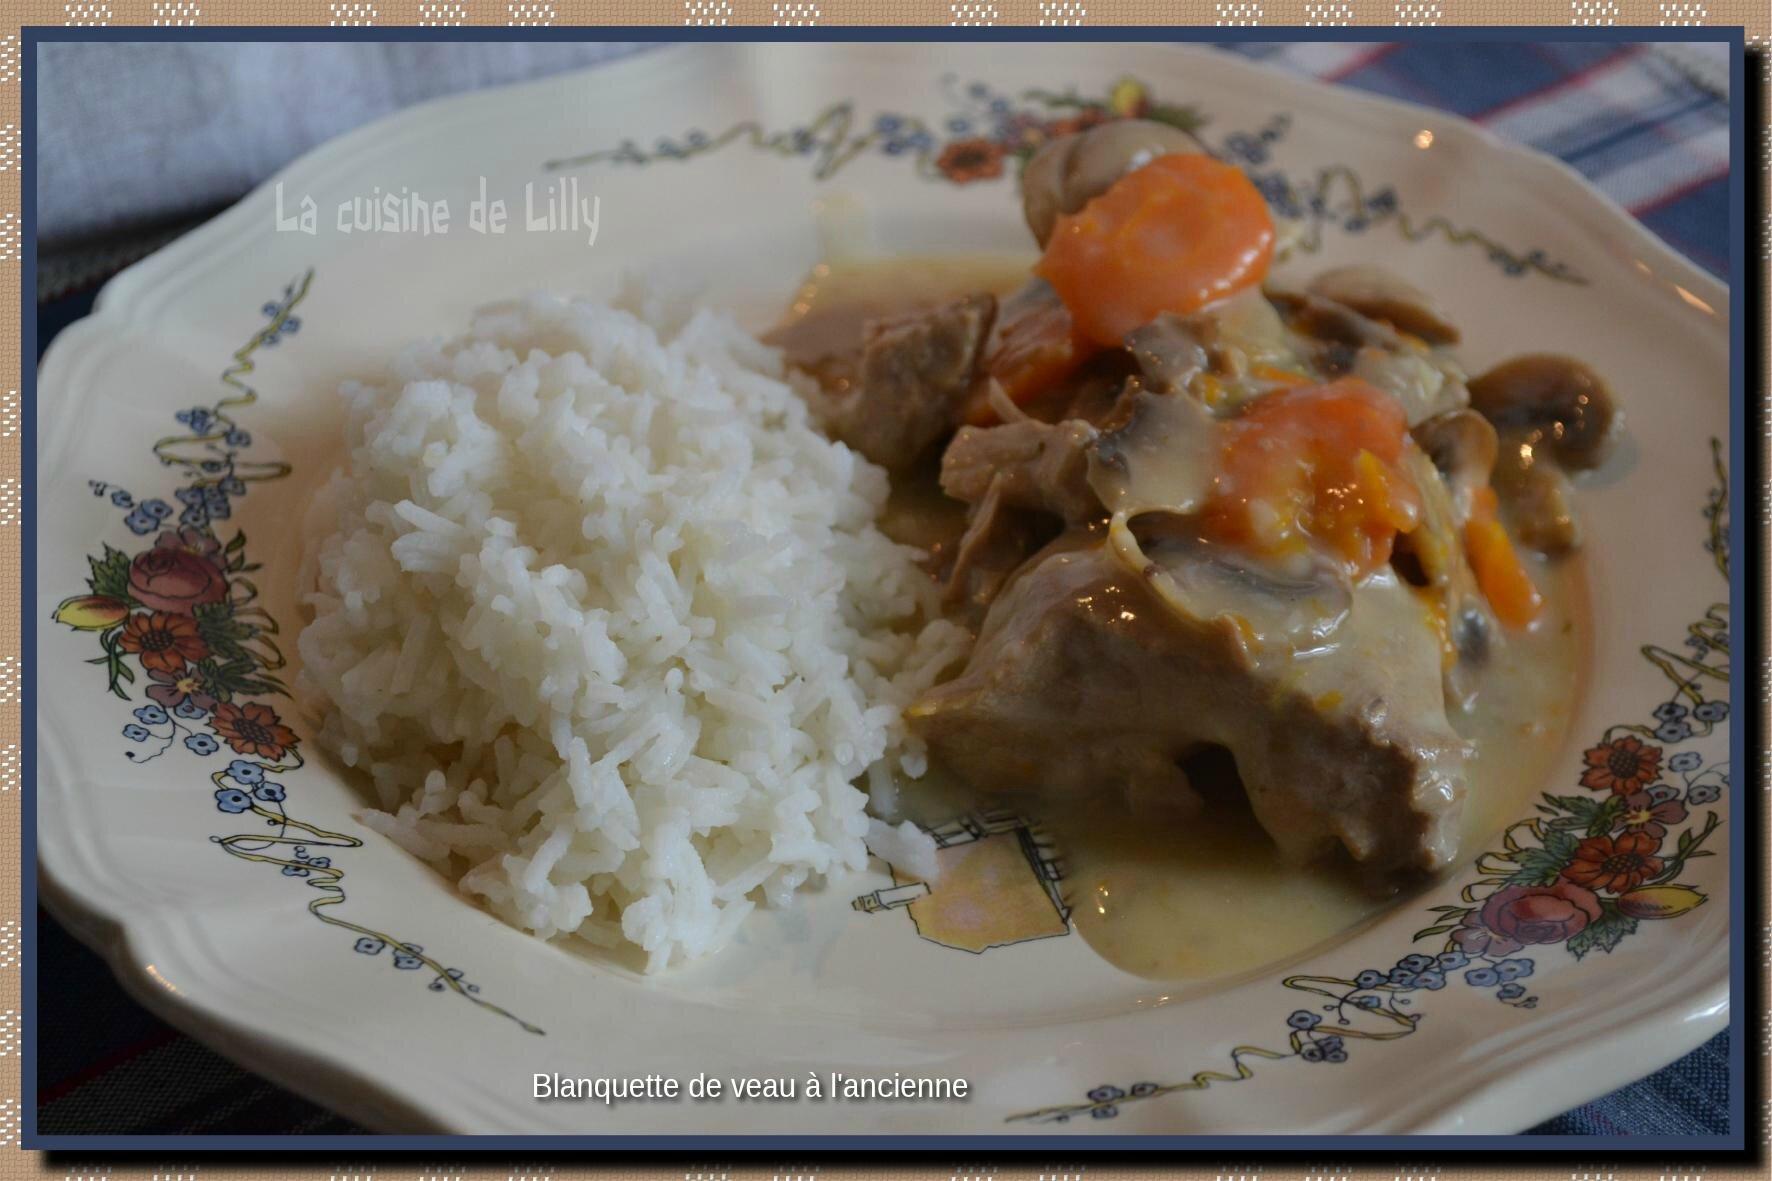 Blanquette de veau l 39 ancienne la cuisine de lilly - Cuisine blanquette de veau a l ancienne ...